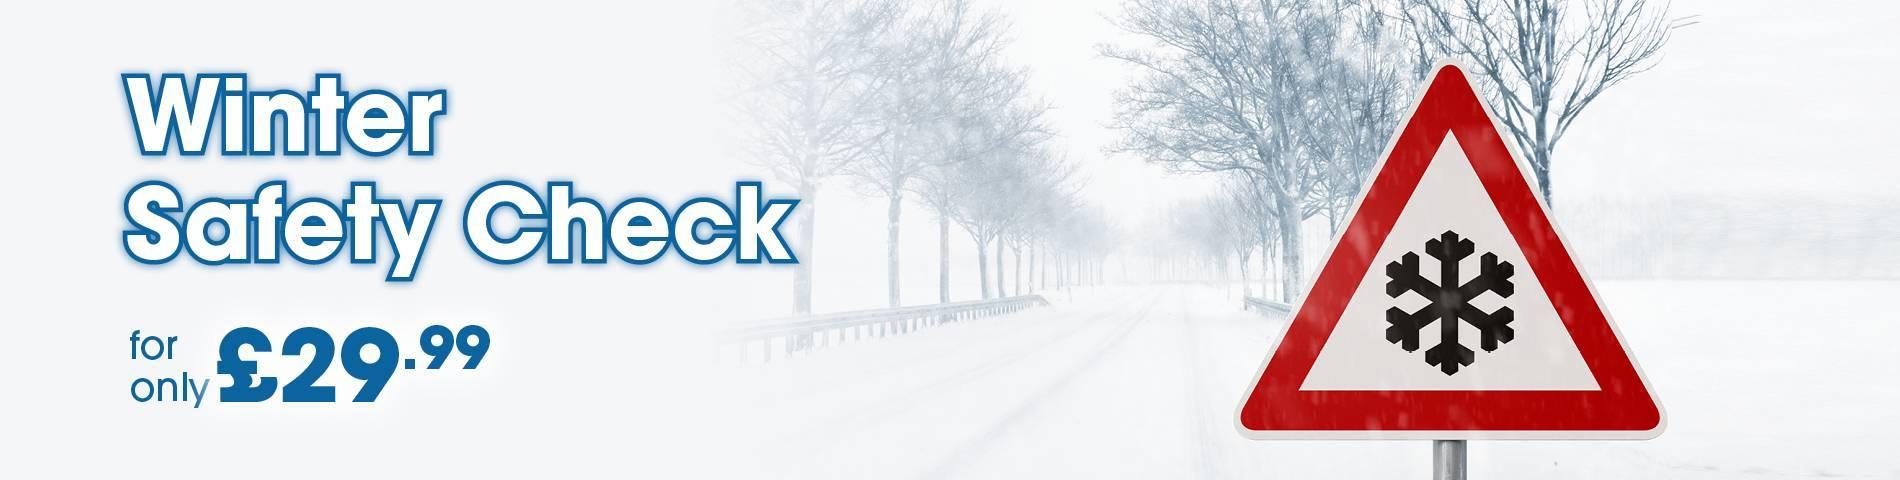 wintersafetycheck_1